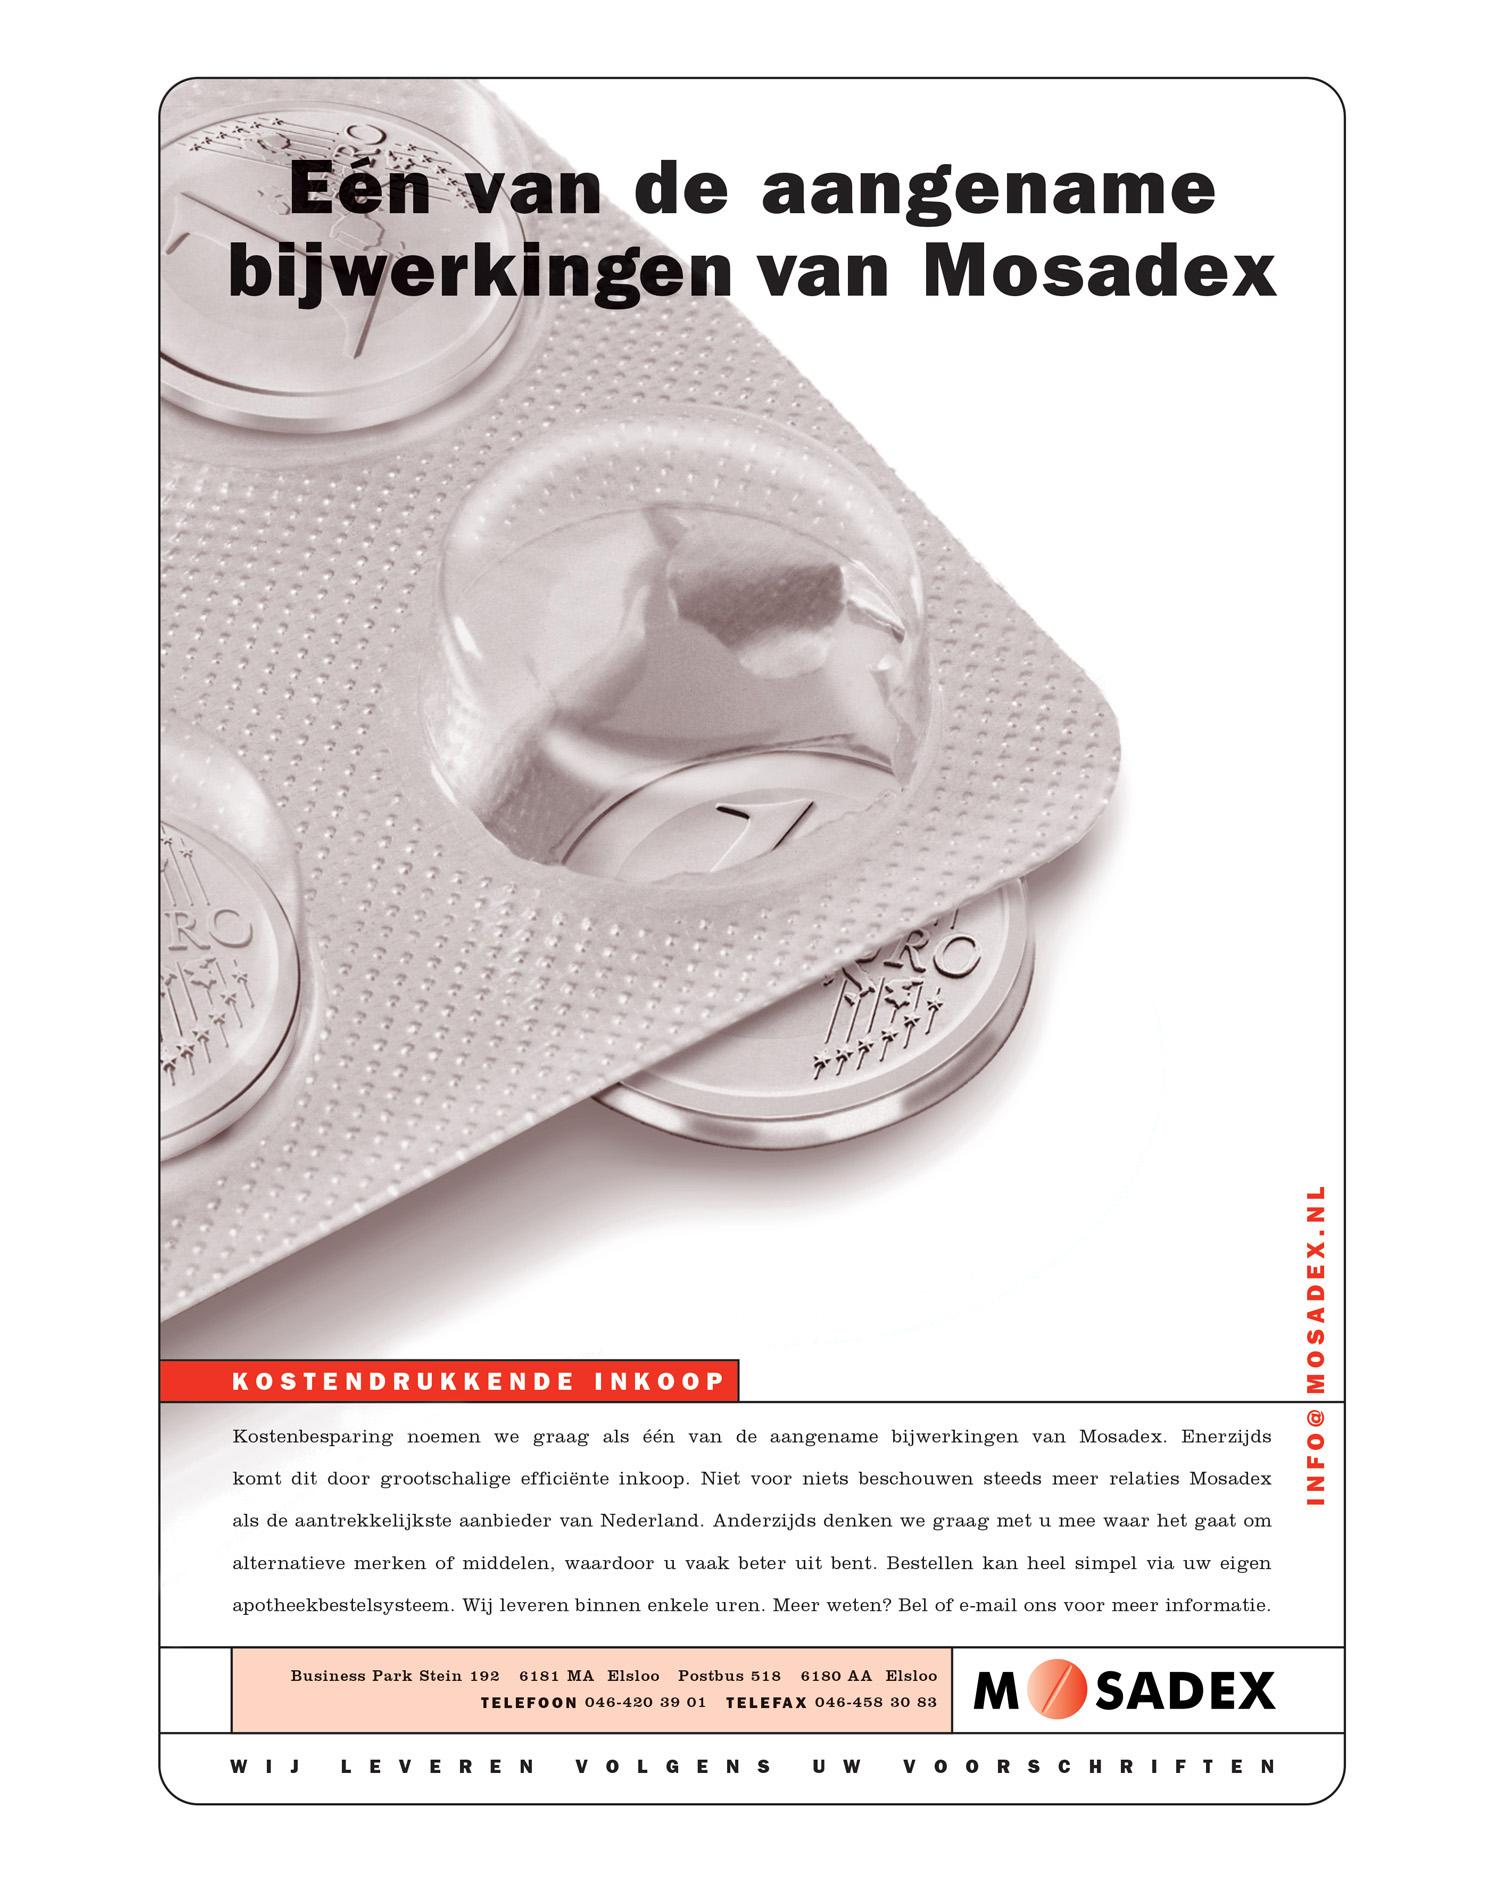 Adv. 1 Mosadex A4 def.